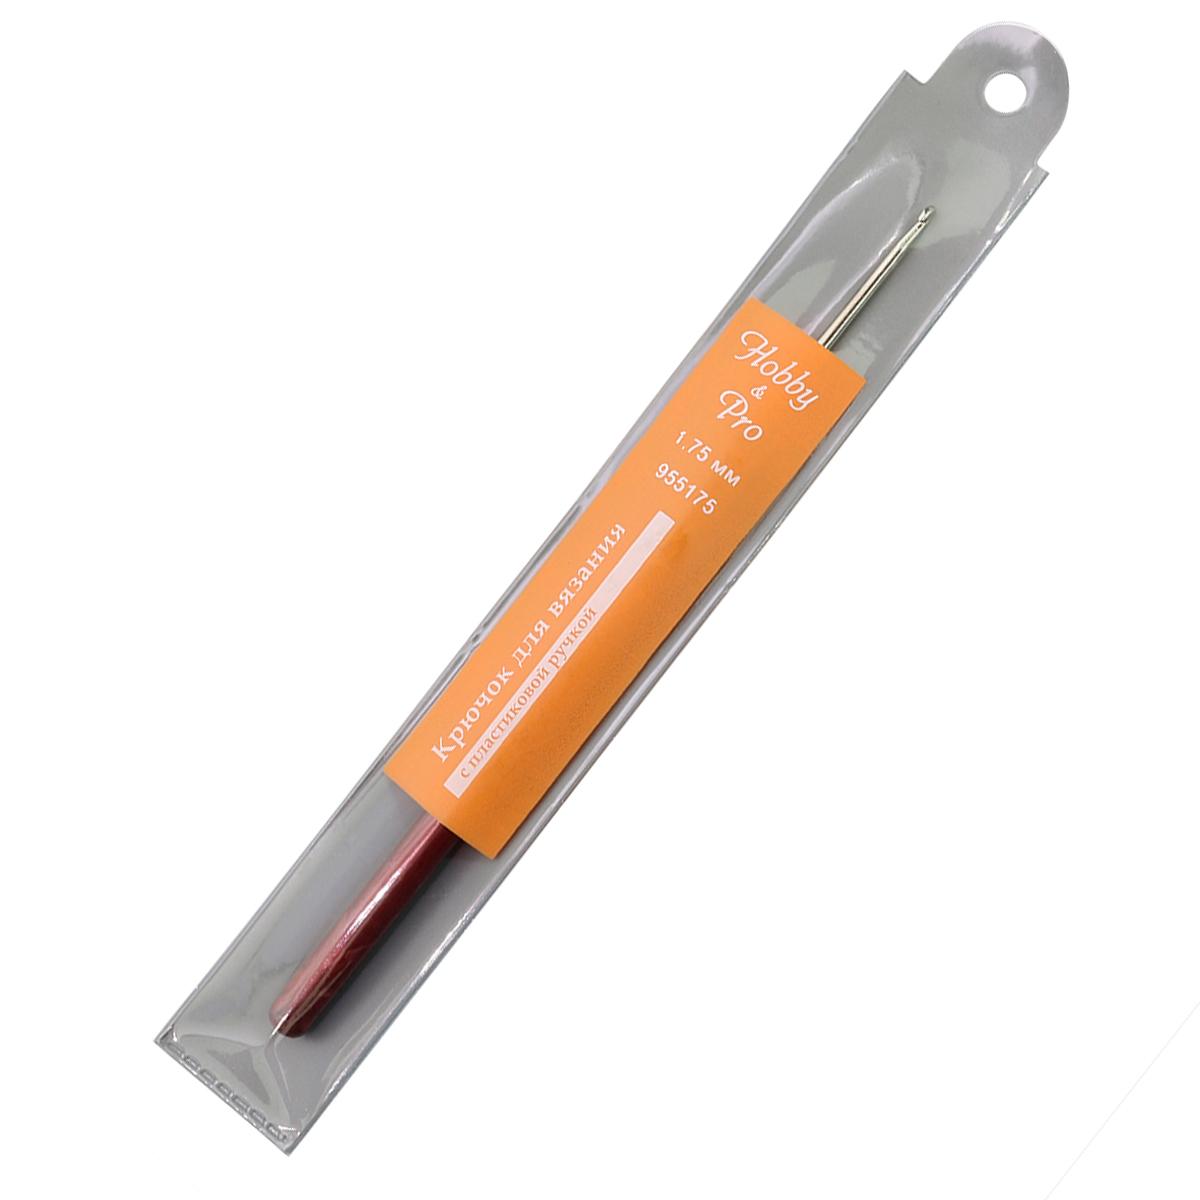 955175 Крючок для вязания с пластиковой ручкой, 1,75 мм, Hobby&Pro фото